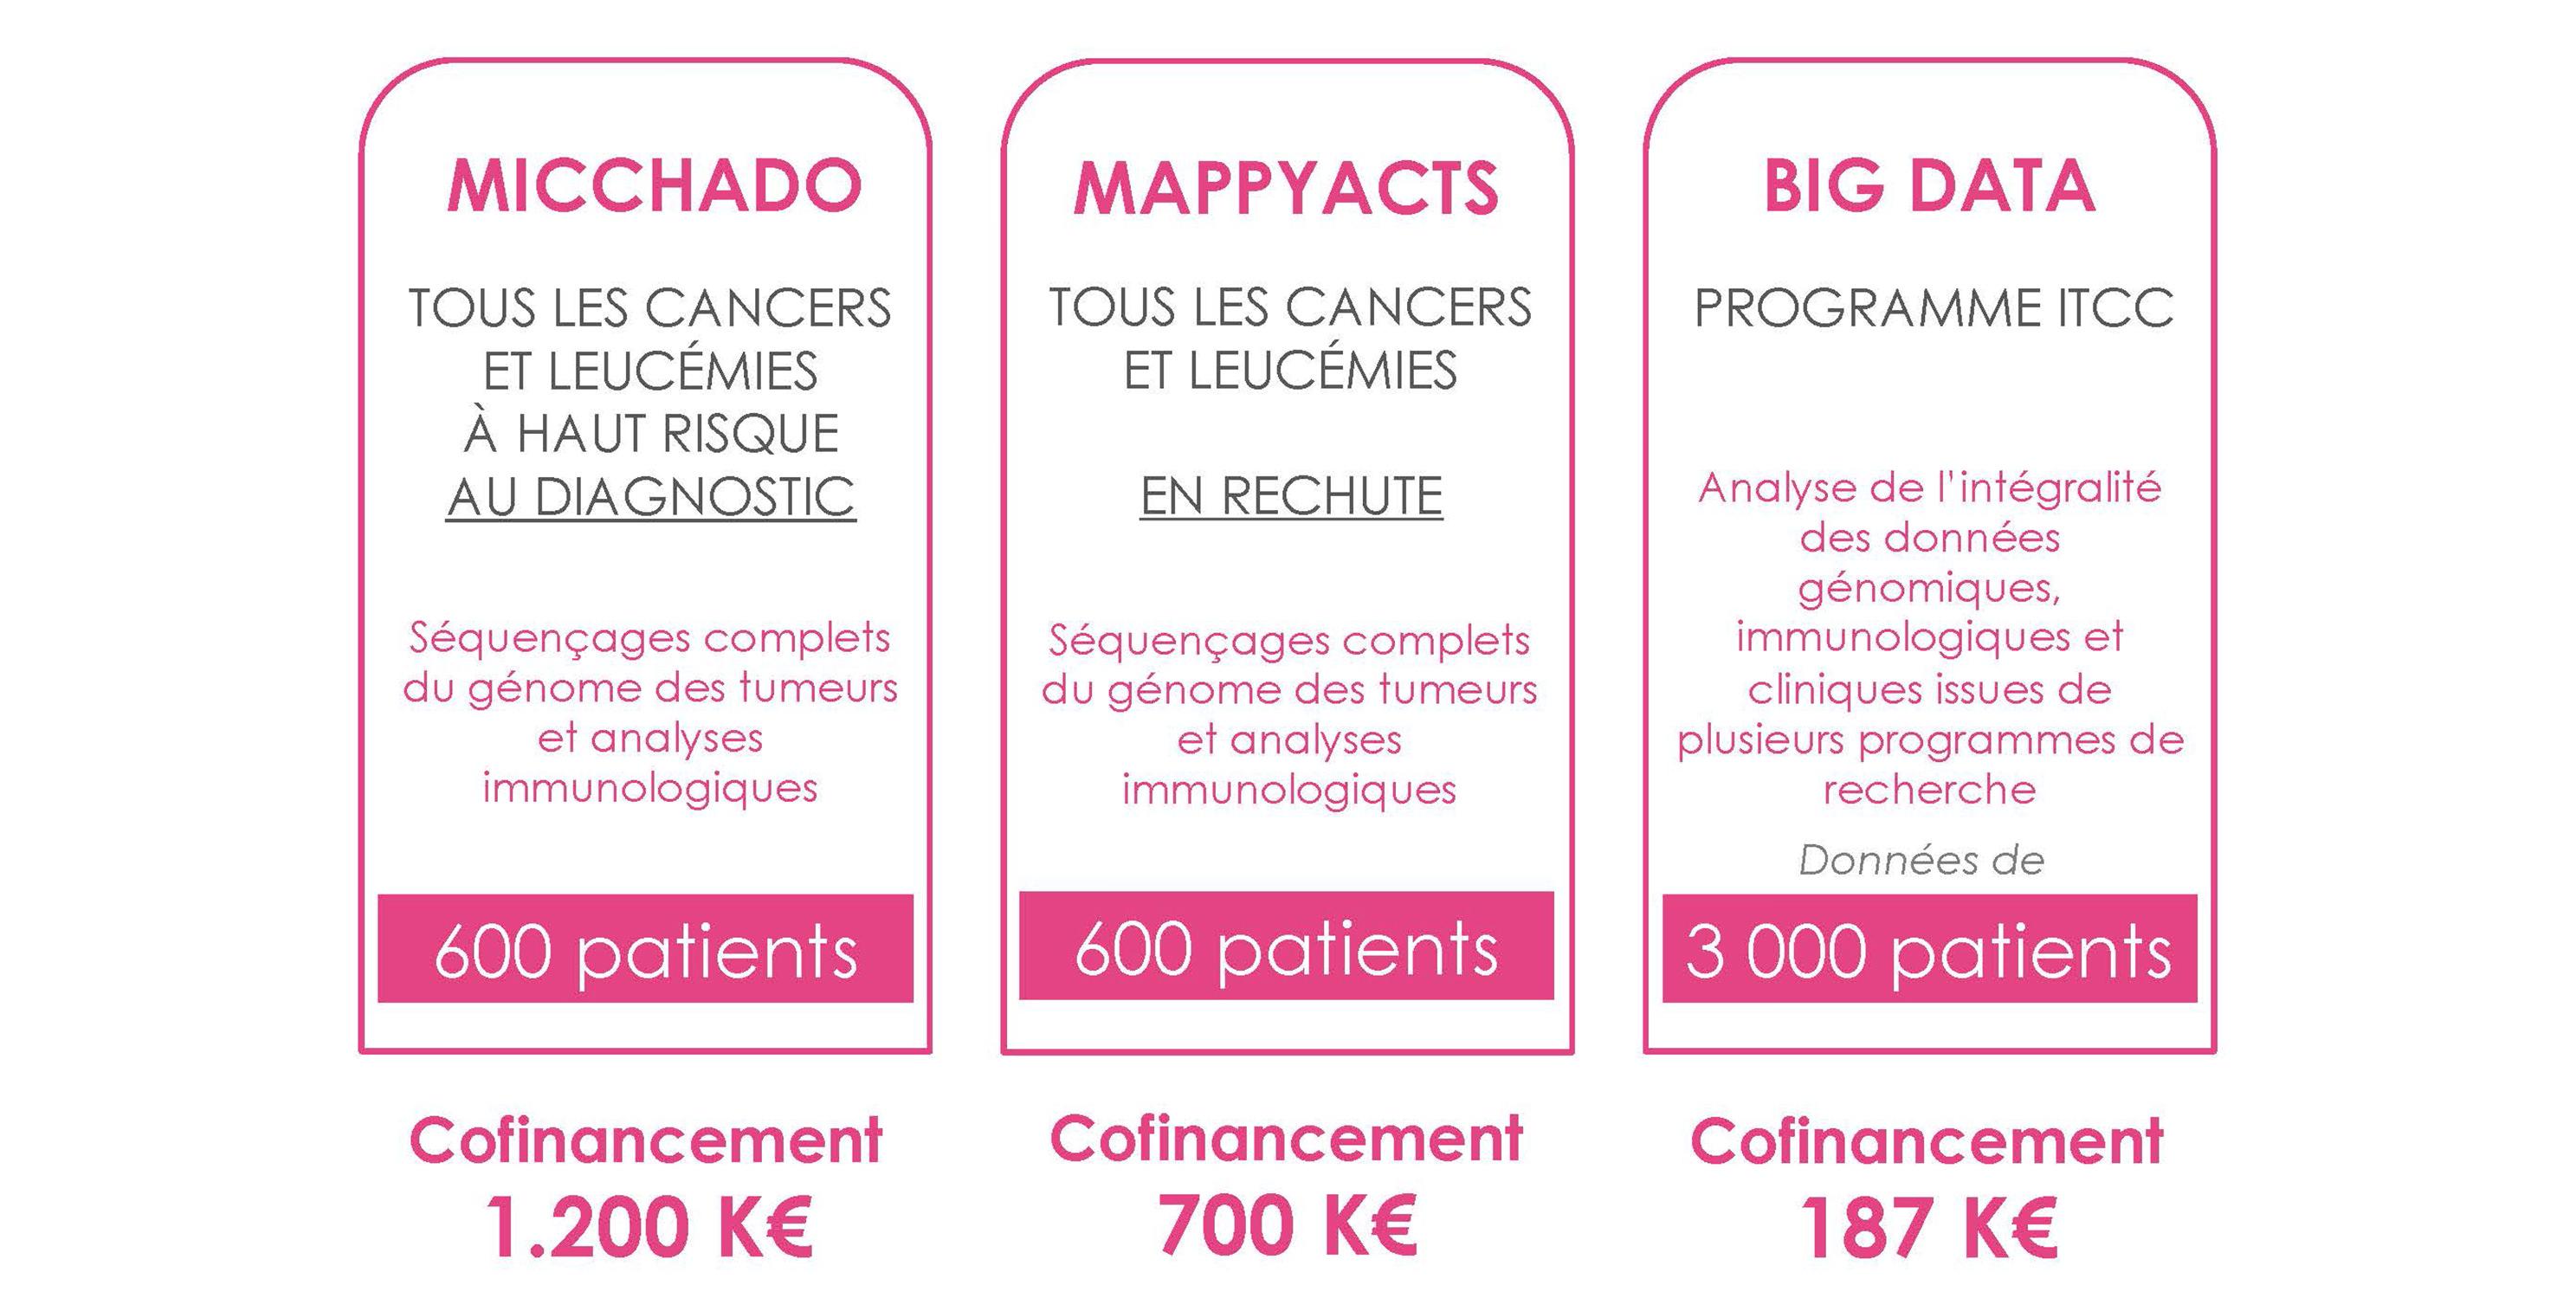 stratégie de financement d'Imagine for Margo pour mieux comprendre et mieux soigner le cancer des enfants